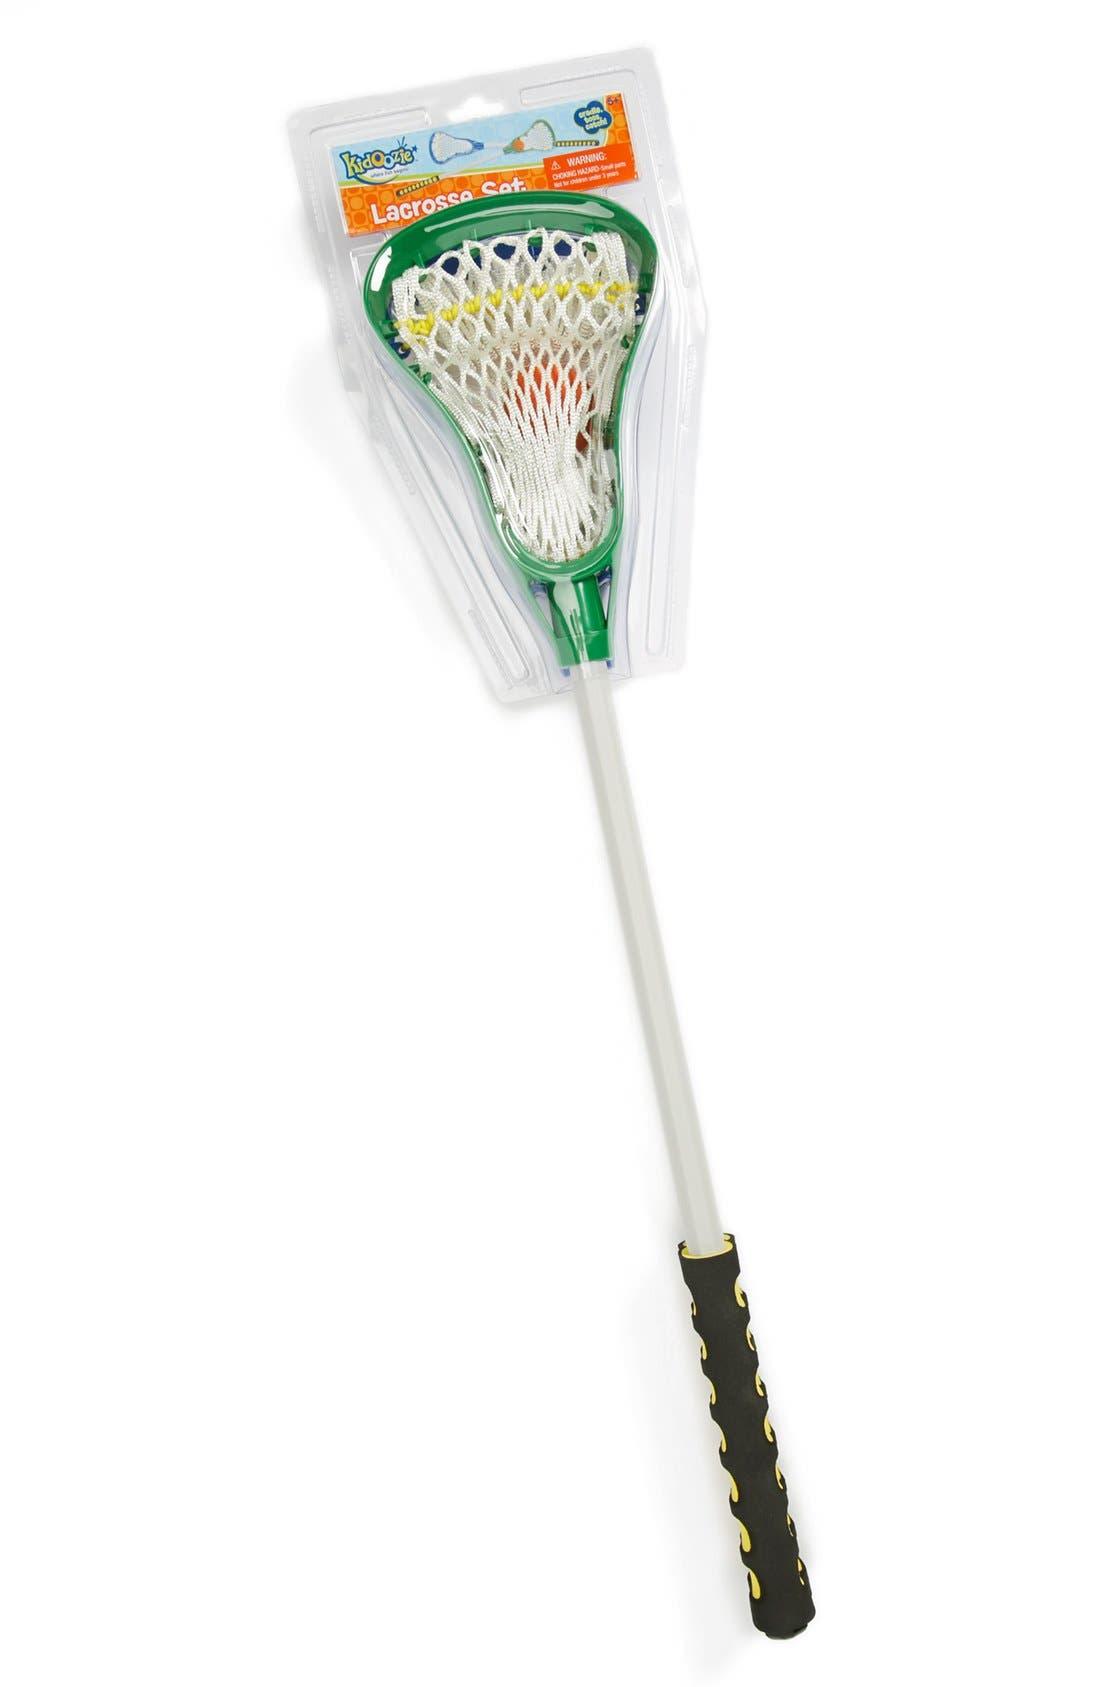 Alternate Image 1 Selected - Kidoozie Lacrosse Set